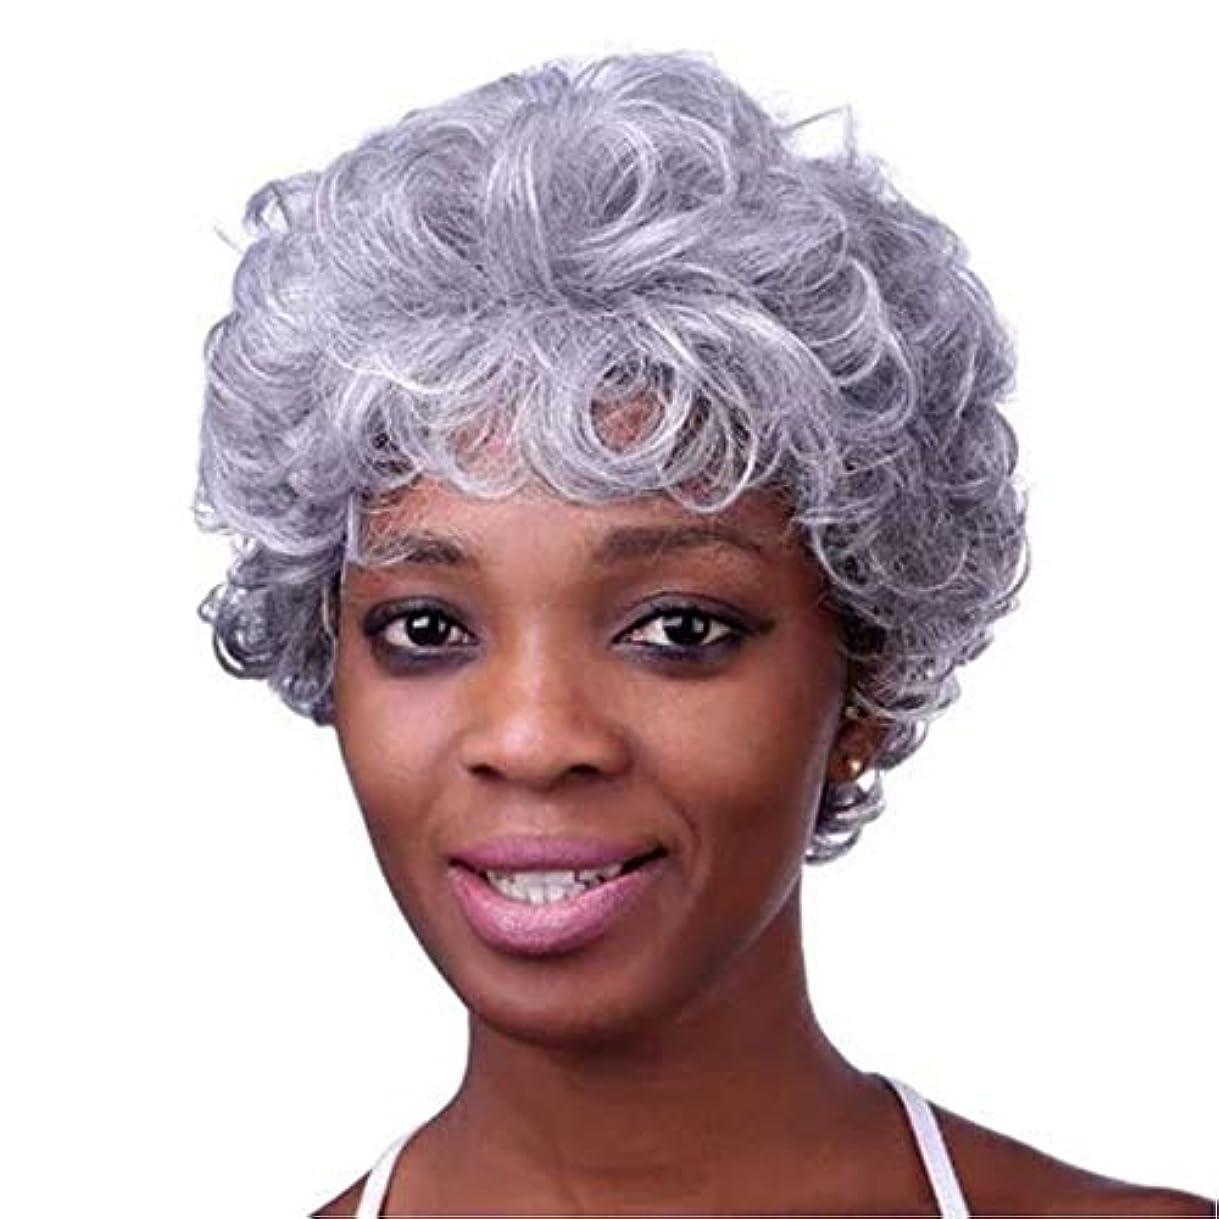 資産午後アジテーションSummerys 本物の髪として女性のための前髪天然合成フルウィッグと白人女性ストレートグレーの髪のかつらをショートウィッグ